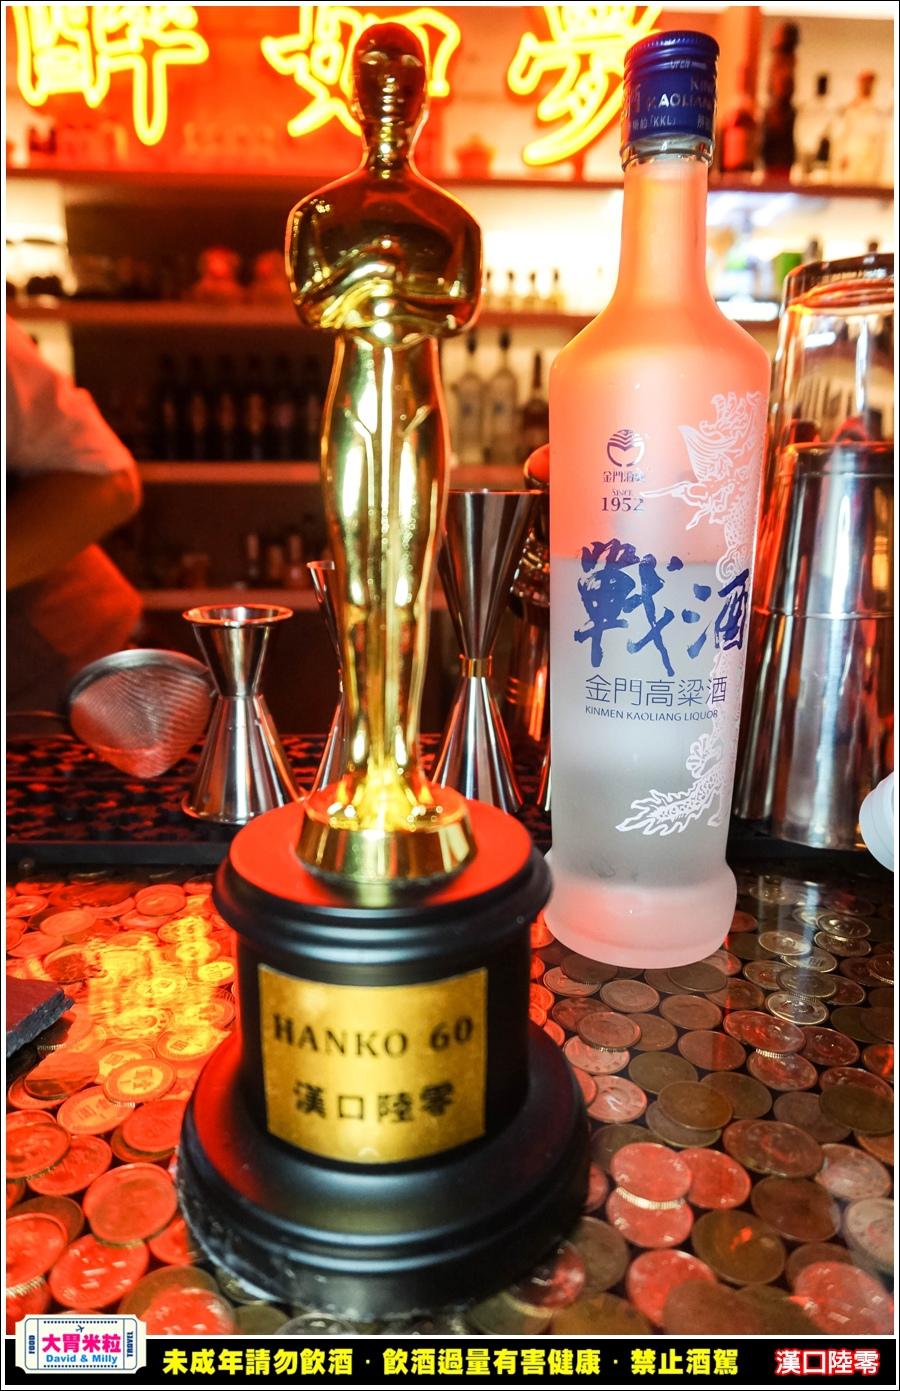 西門町酒吧推薦@HANKO 60 漢口陸零x戰酒金門高粱酒@大胃米粒0015.jpg